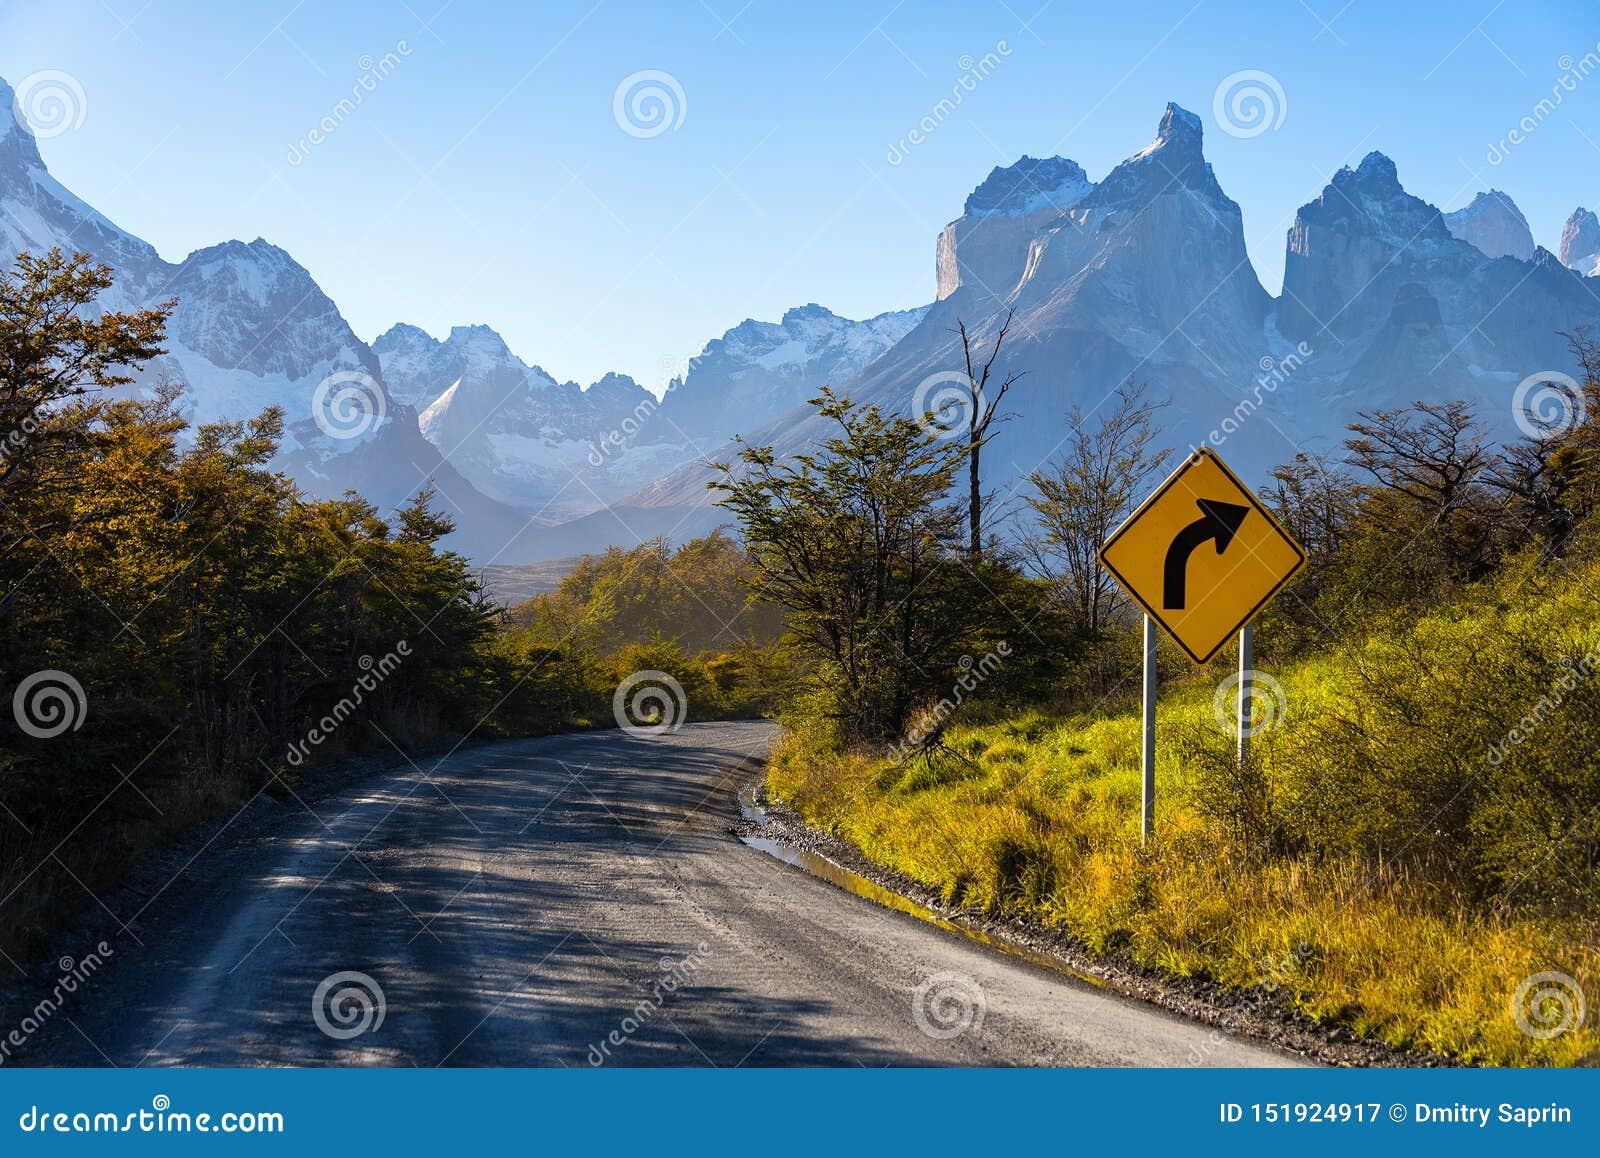 Panneau routier en parc national Torres del Paine, Patagonia, Chili